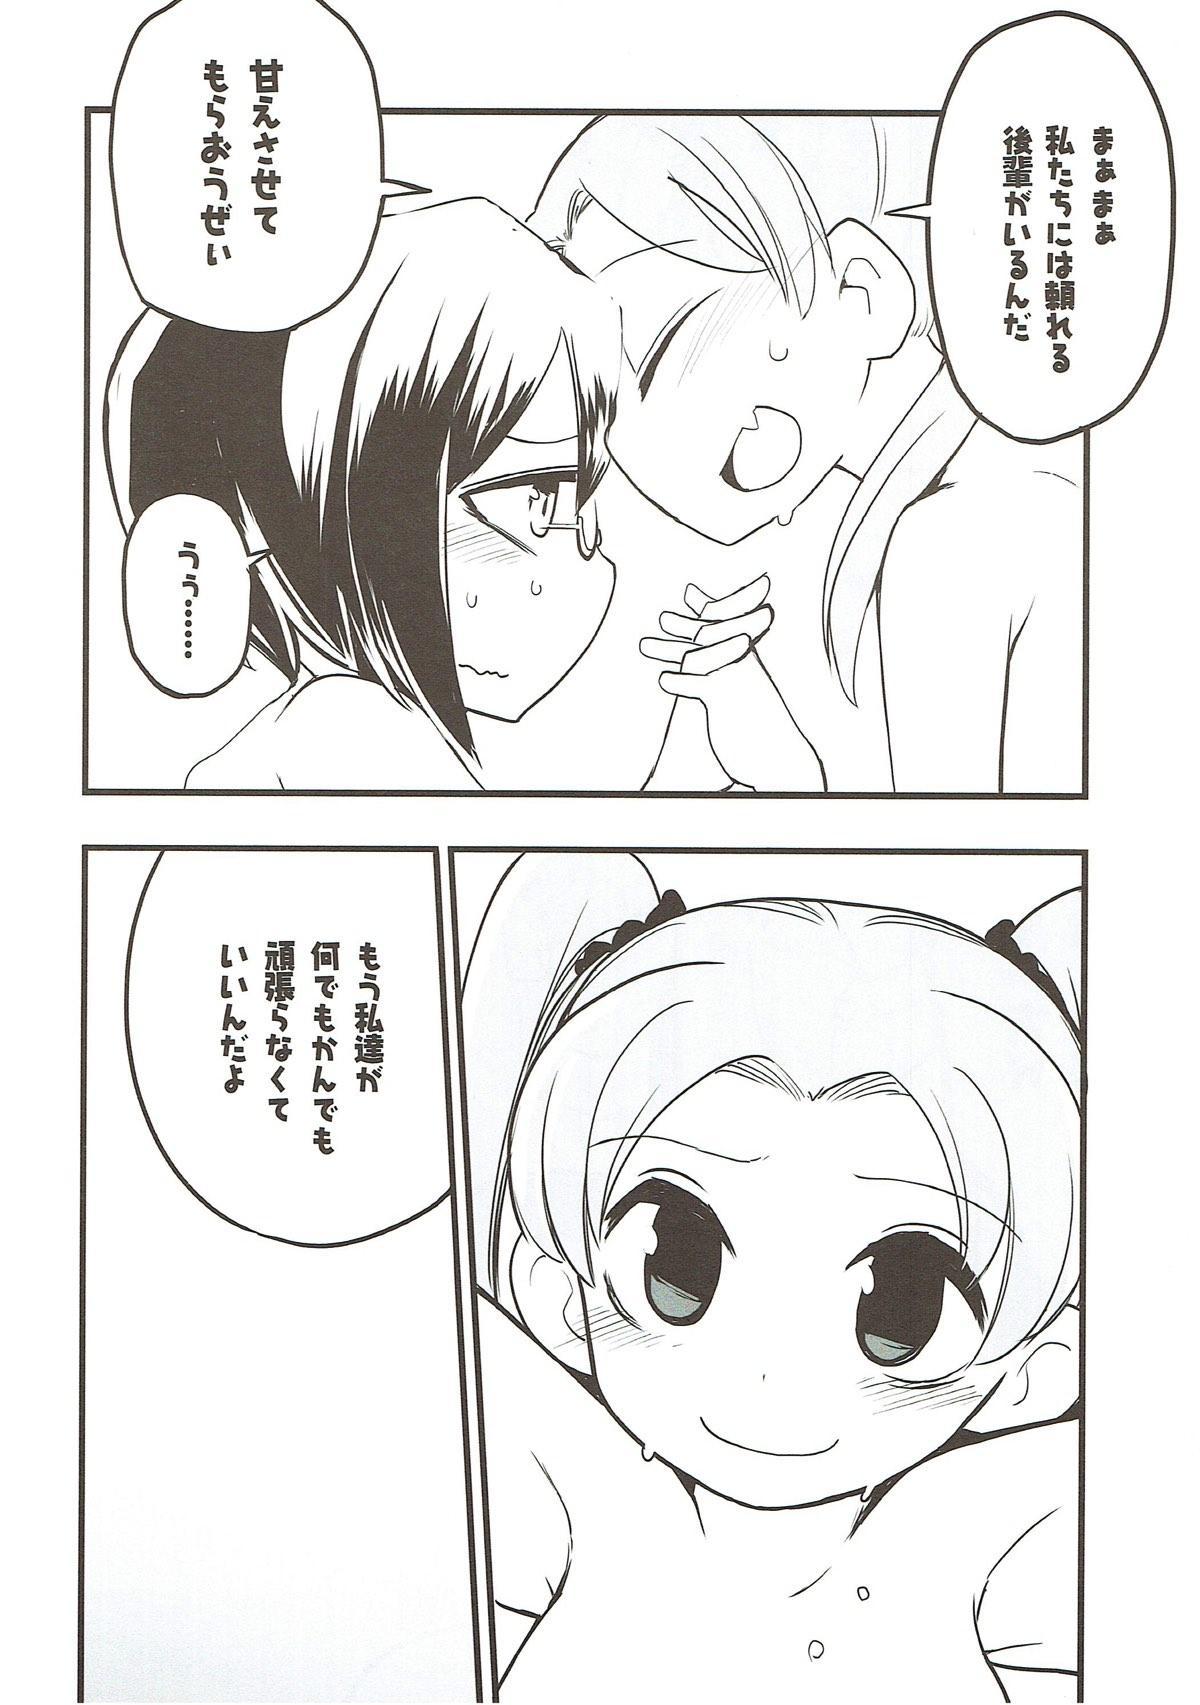 Kyou AnMomo wa Yuri Ecchi o Suru. 16